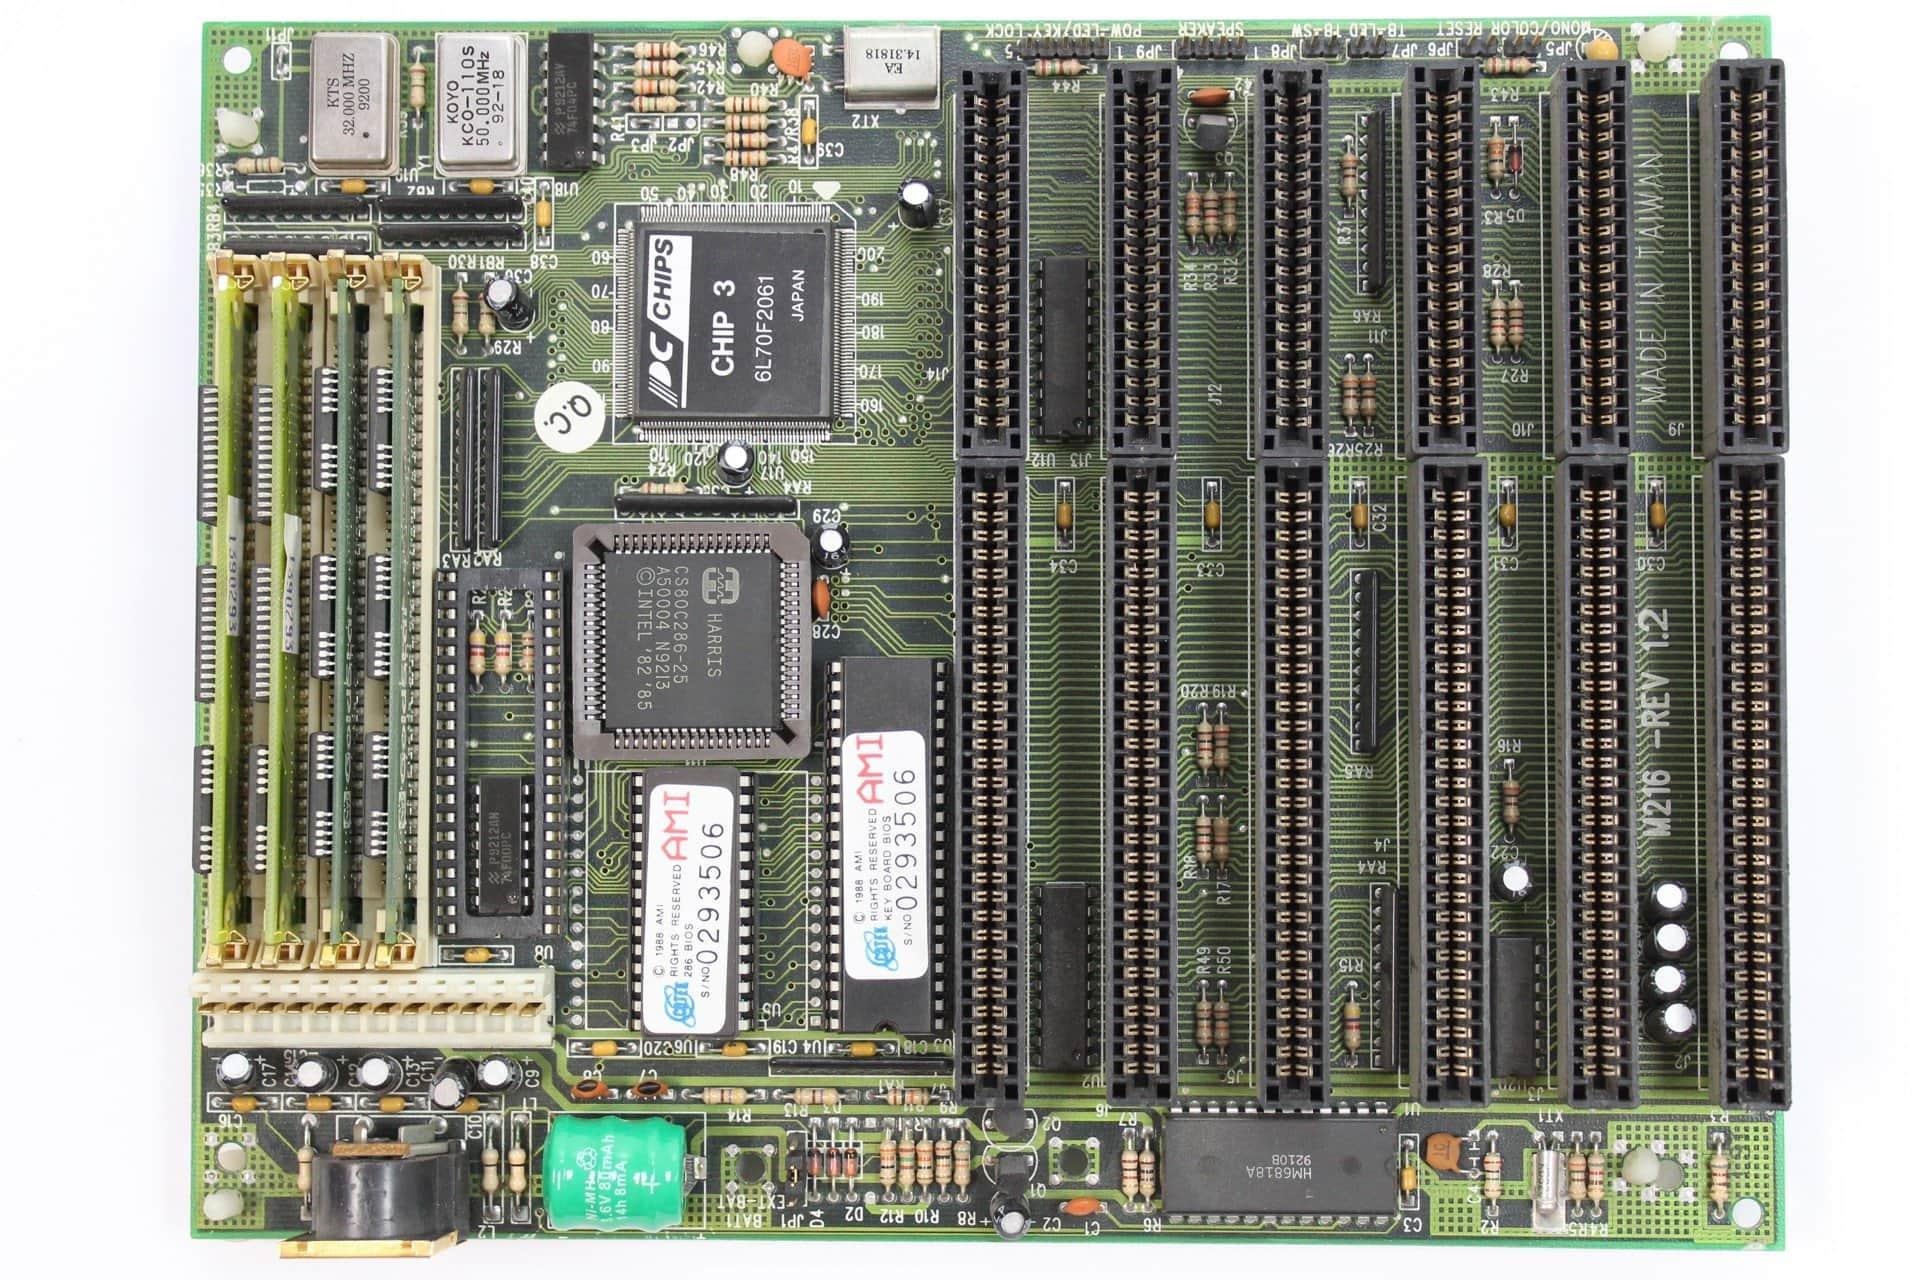 6f14e2d93 ... Základní deska PC Chips M216 - PC VUJO 286 na 25MHz ...